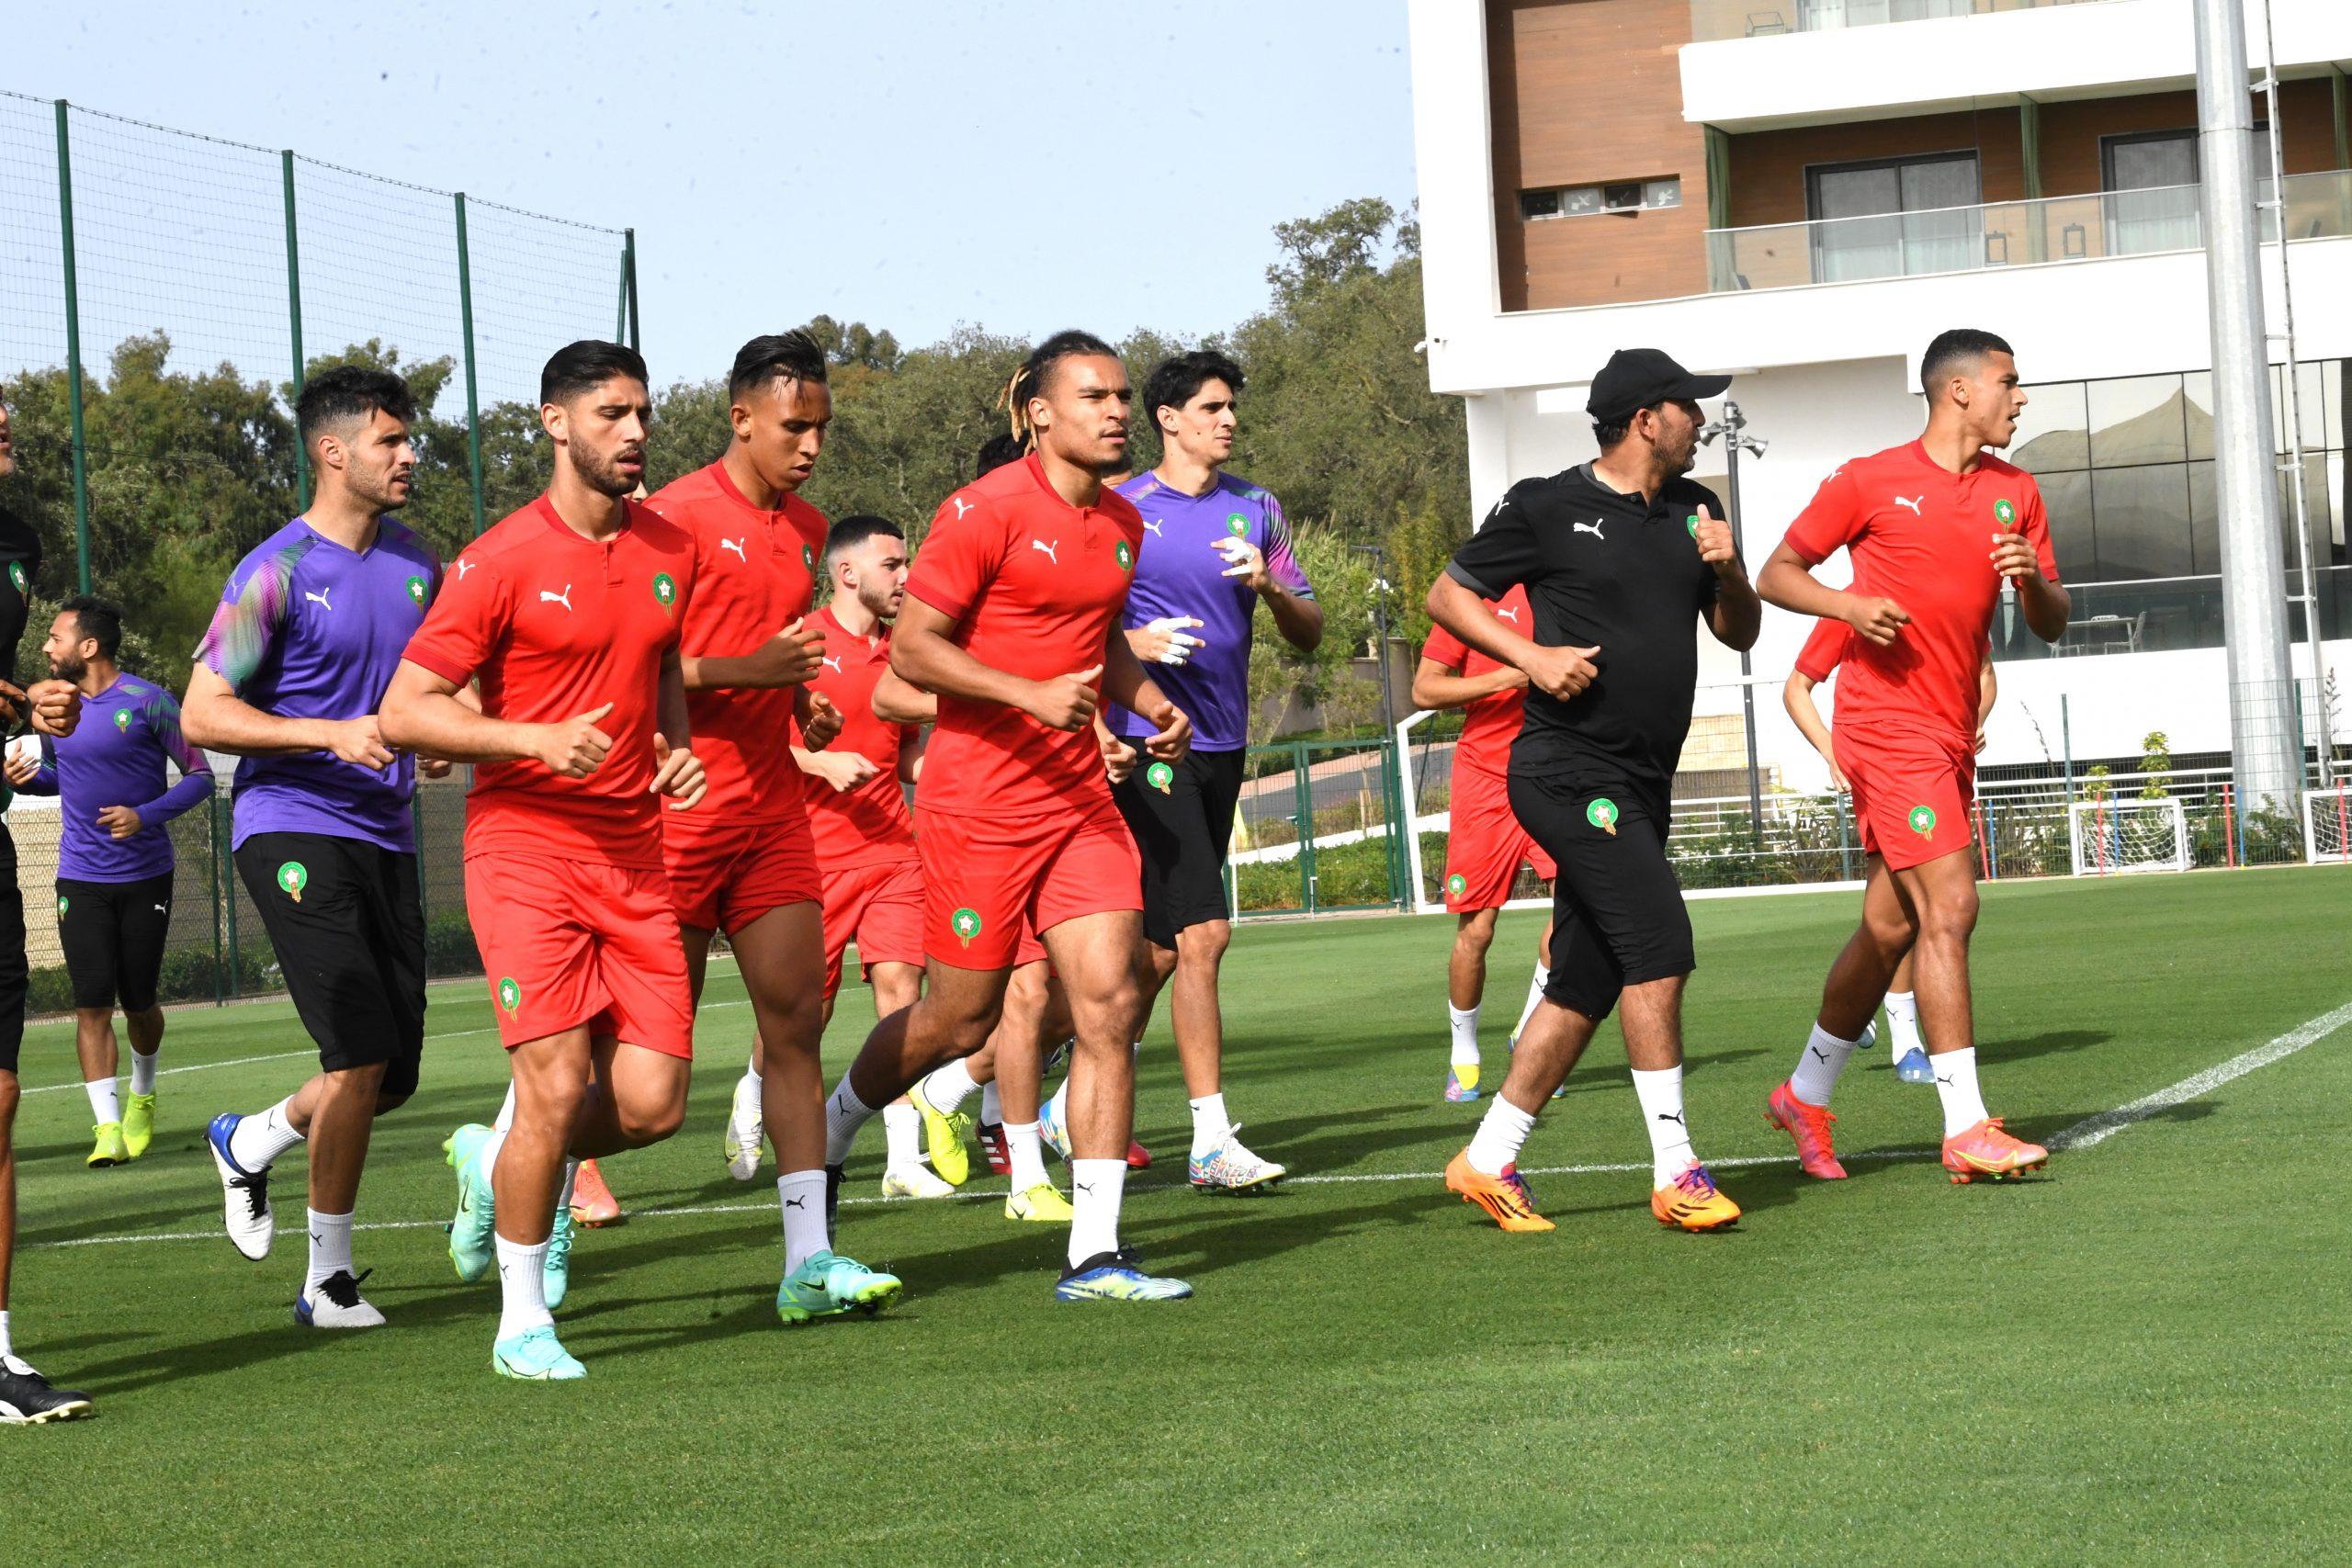 المنتخب المغربي يخوض آخر حصة تدريبية قبل مواجهة بوركينافاسو